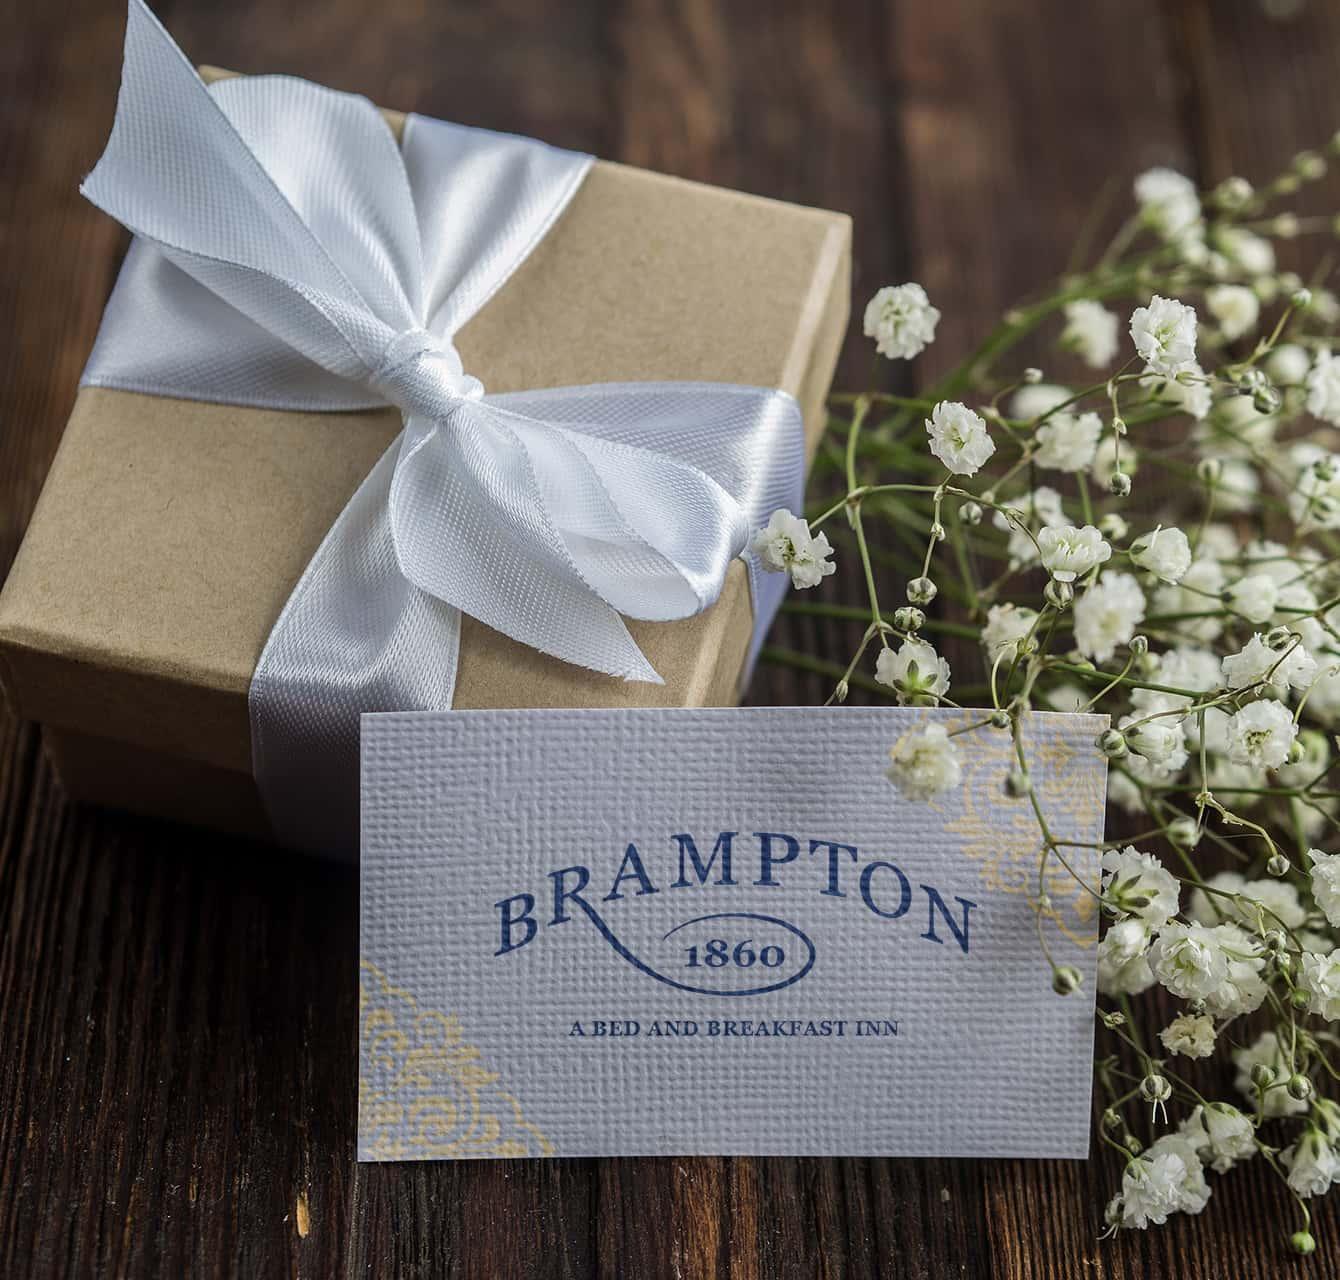 Brampton Inn Gift Certificates